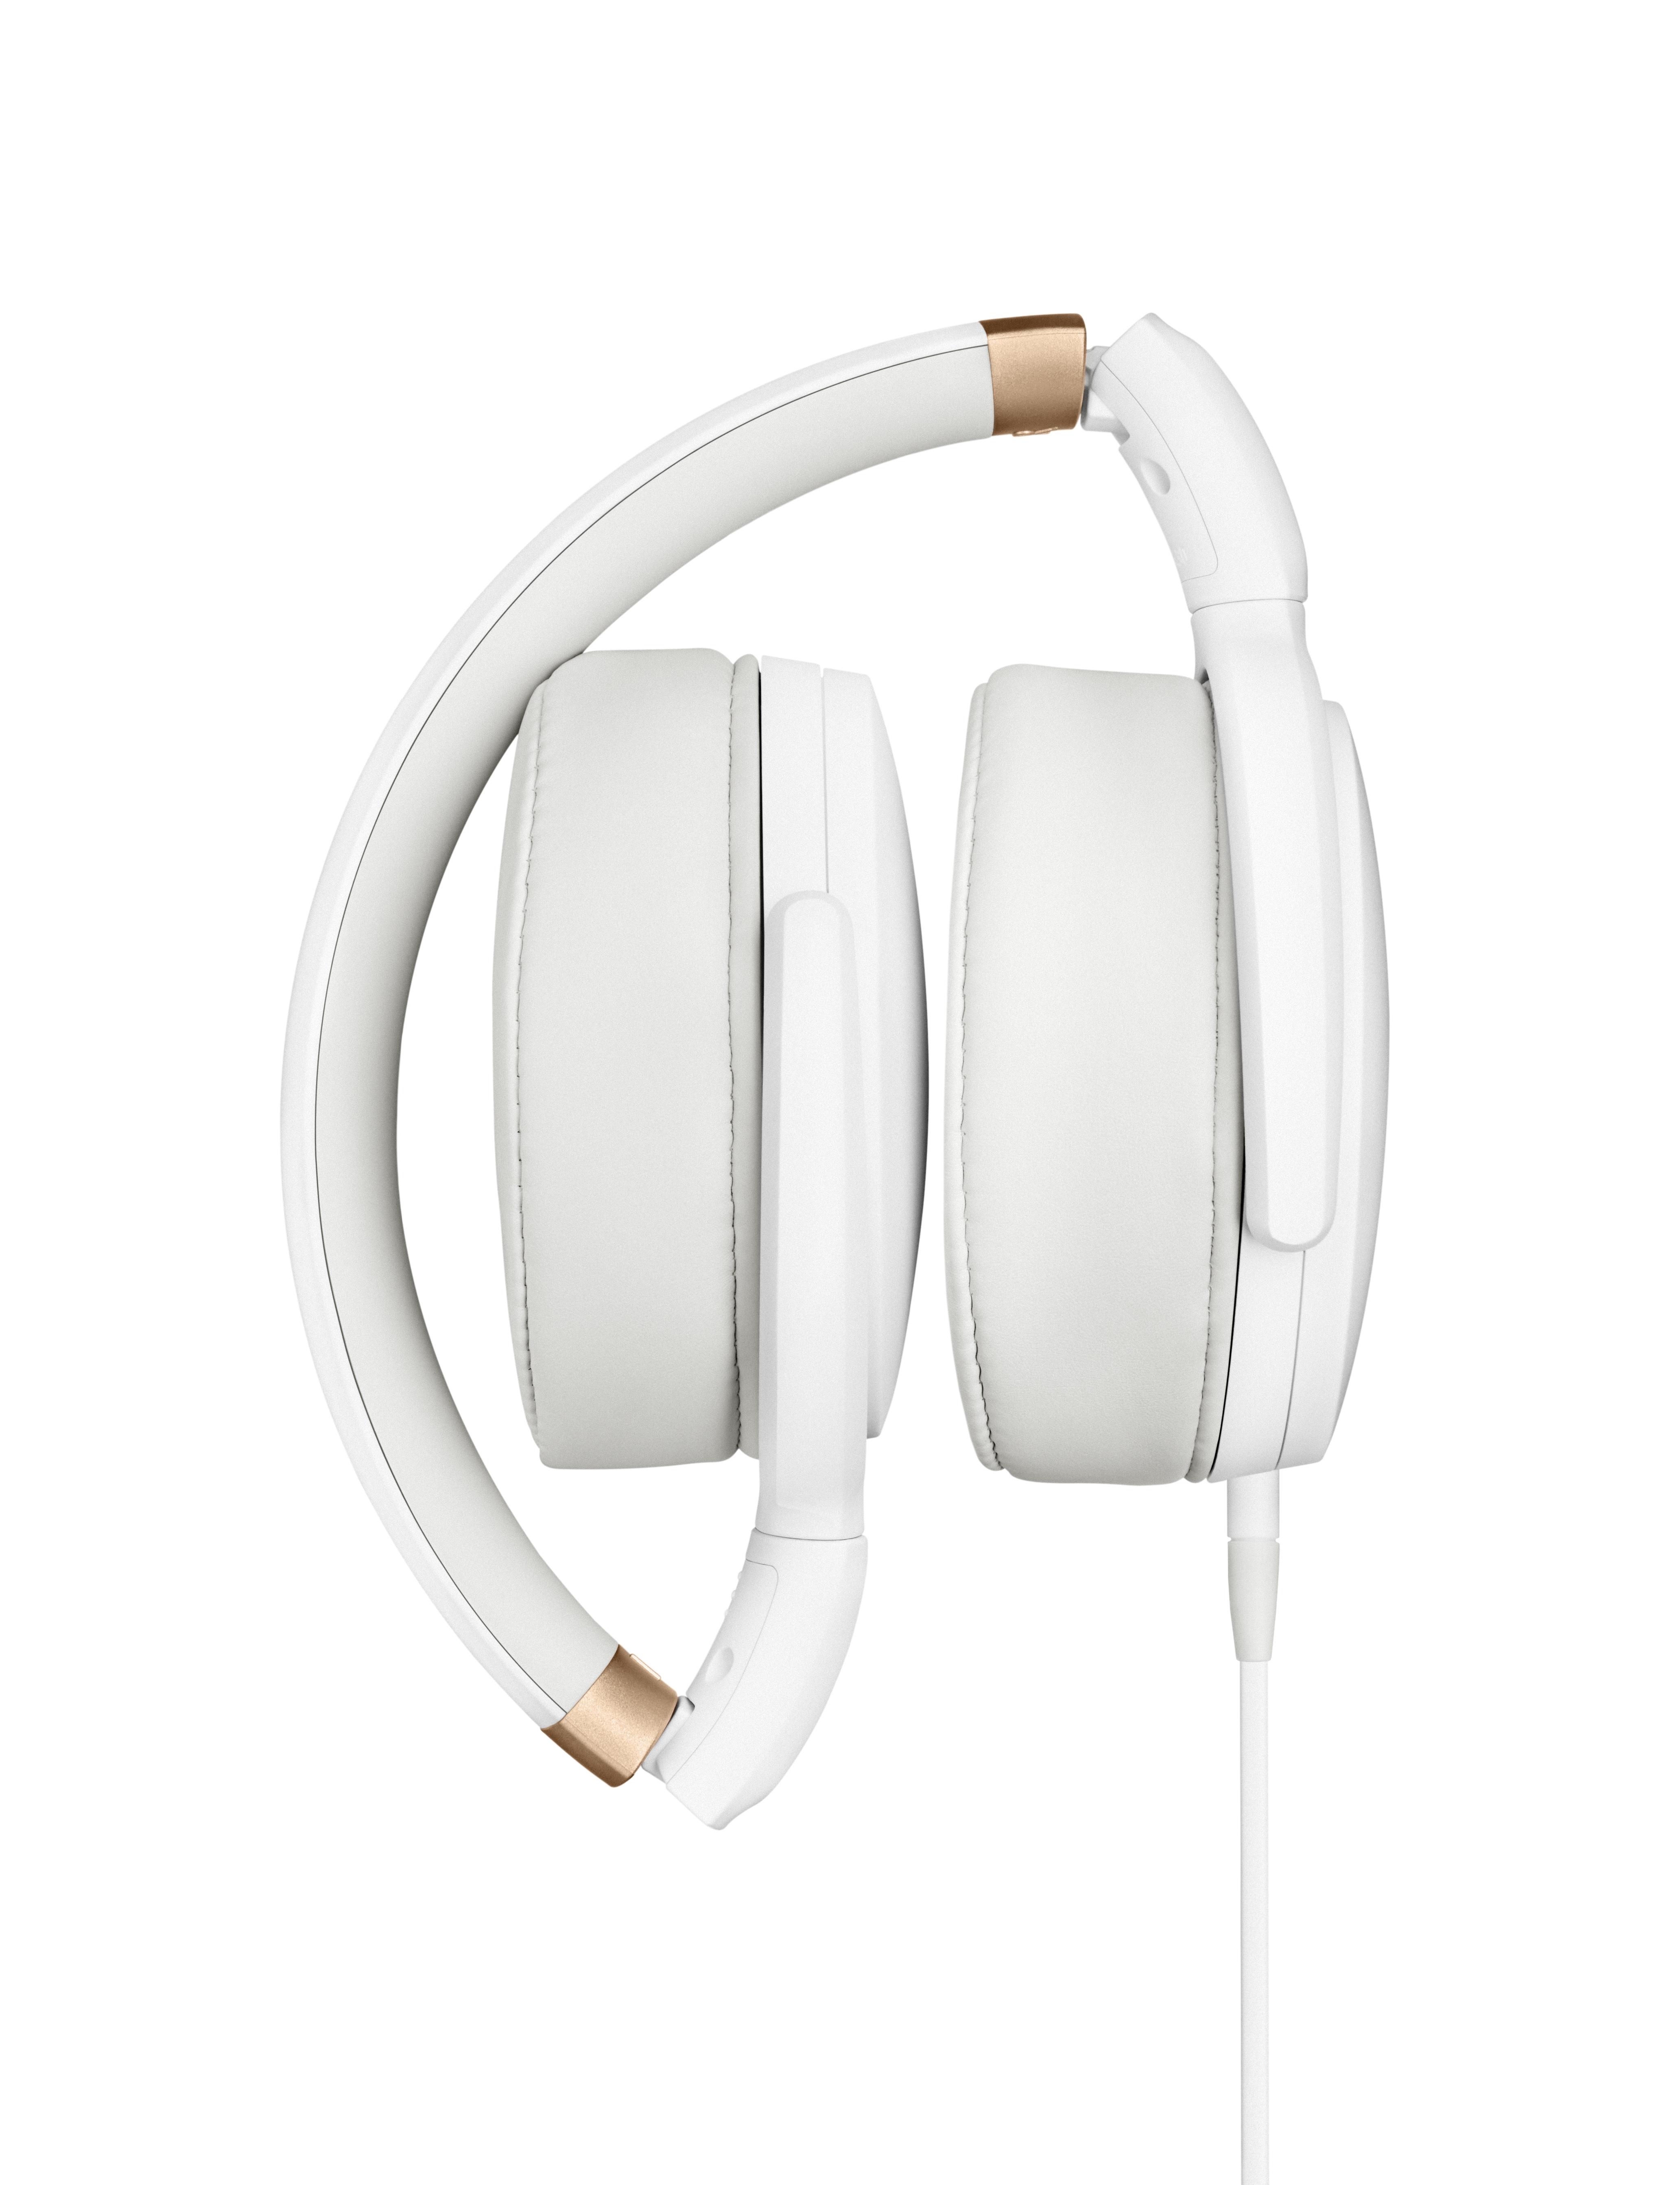 ゼンハイザージャパン株式会社 sennheiser 製品 hd 4 30g white